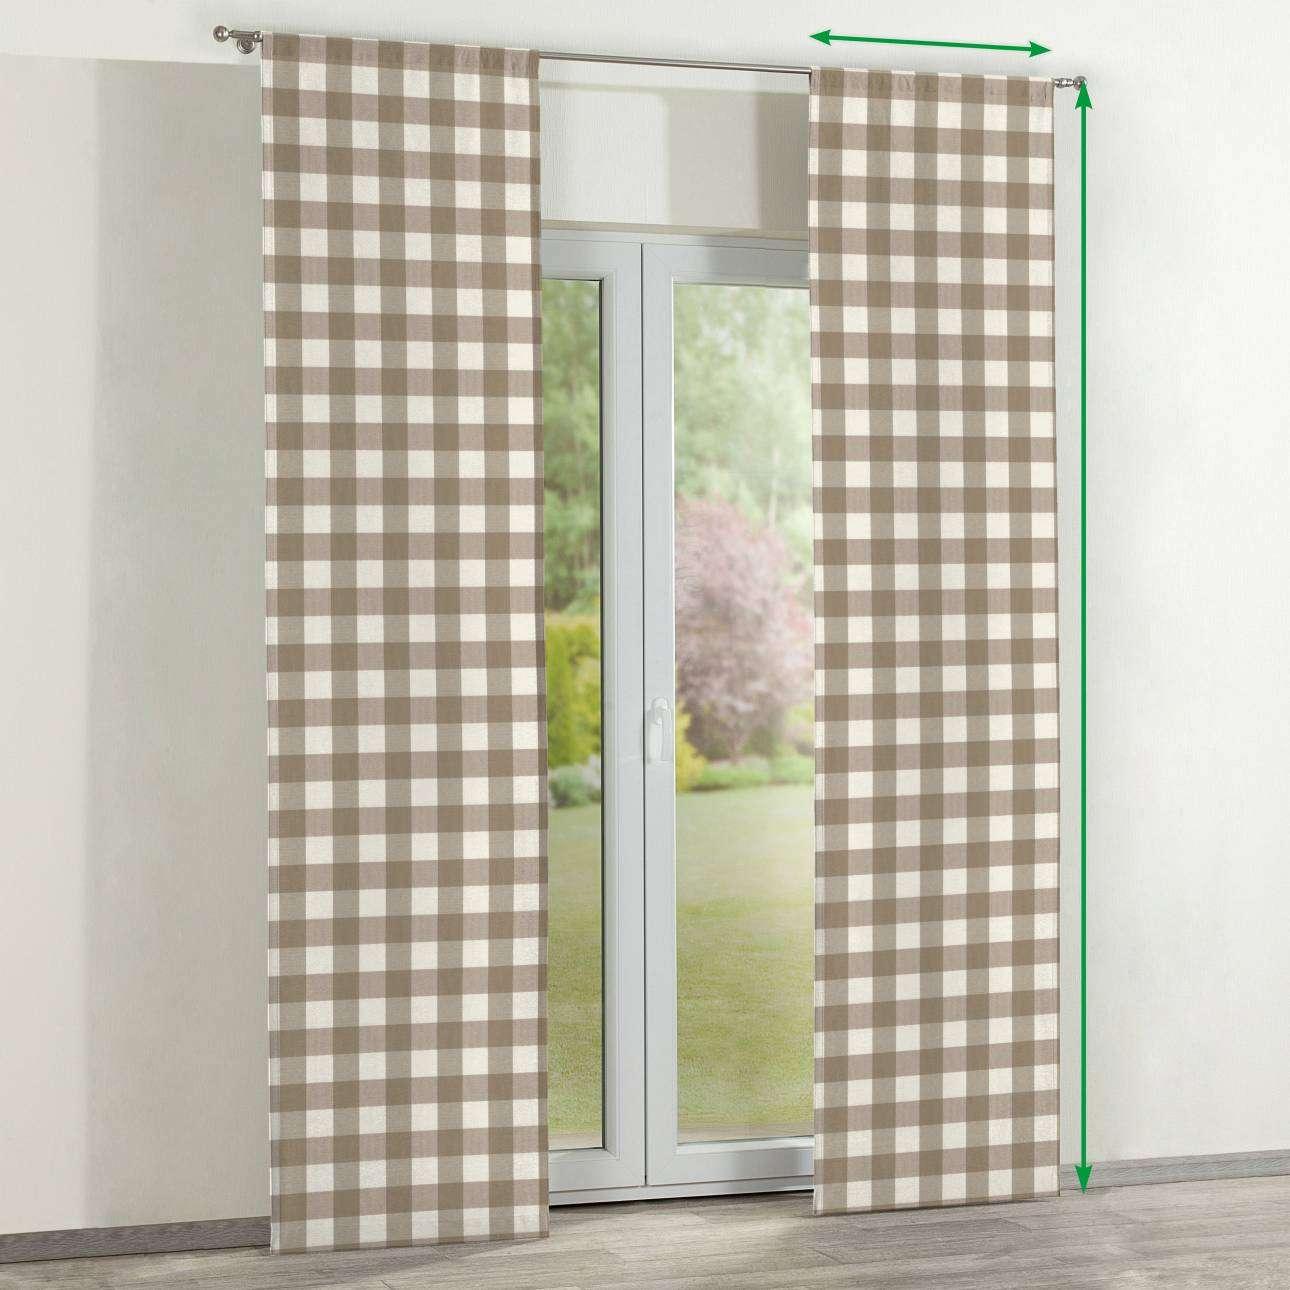 Lapfüggöny 2 darabos a kollekcióból Quadro Lakástextil, Dekoranyag: 136-08